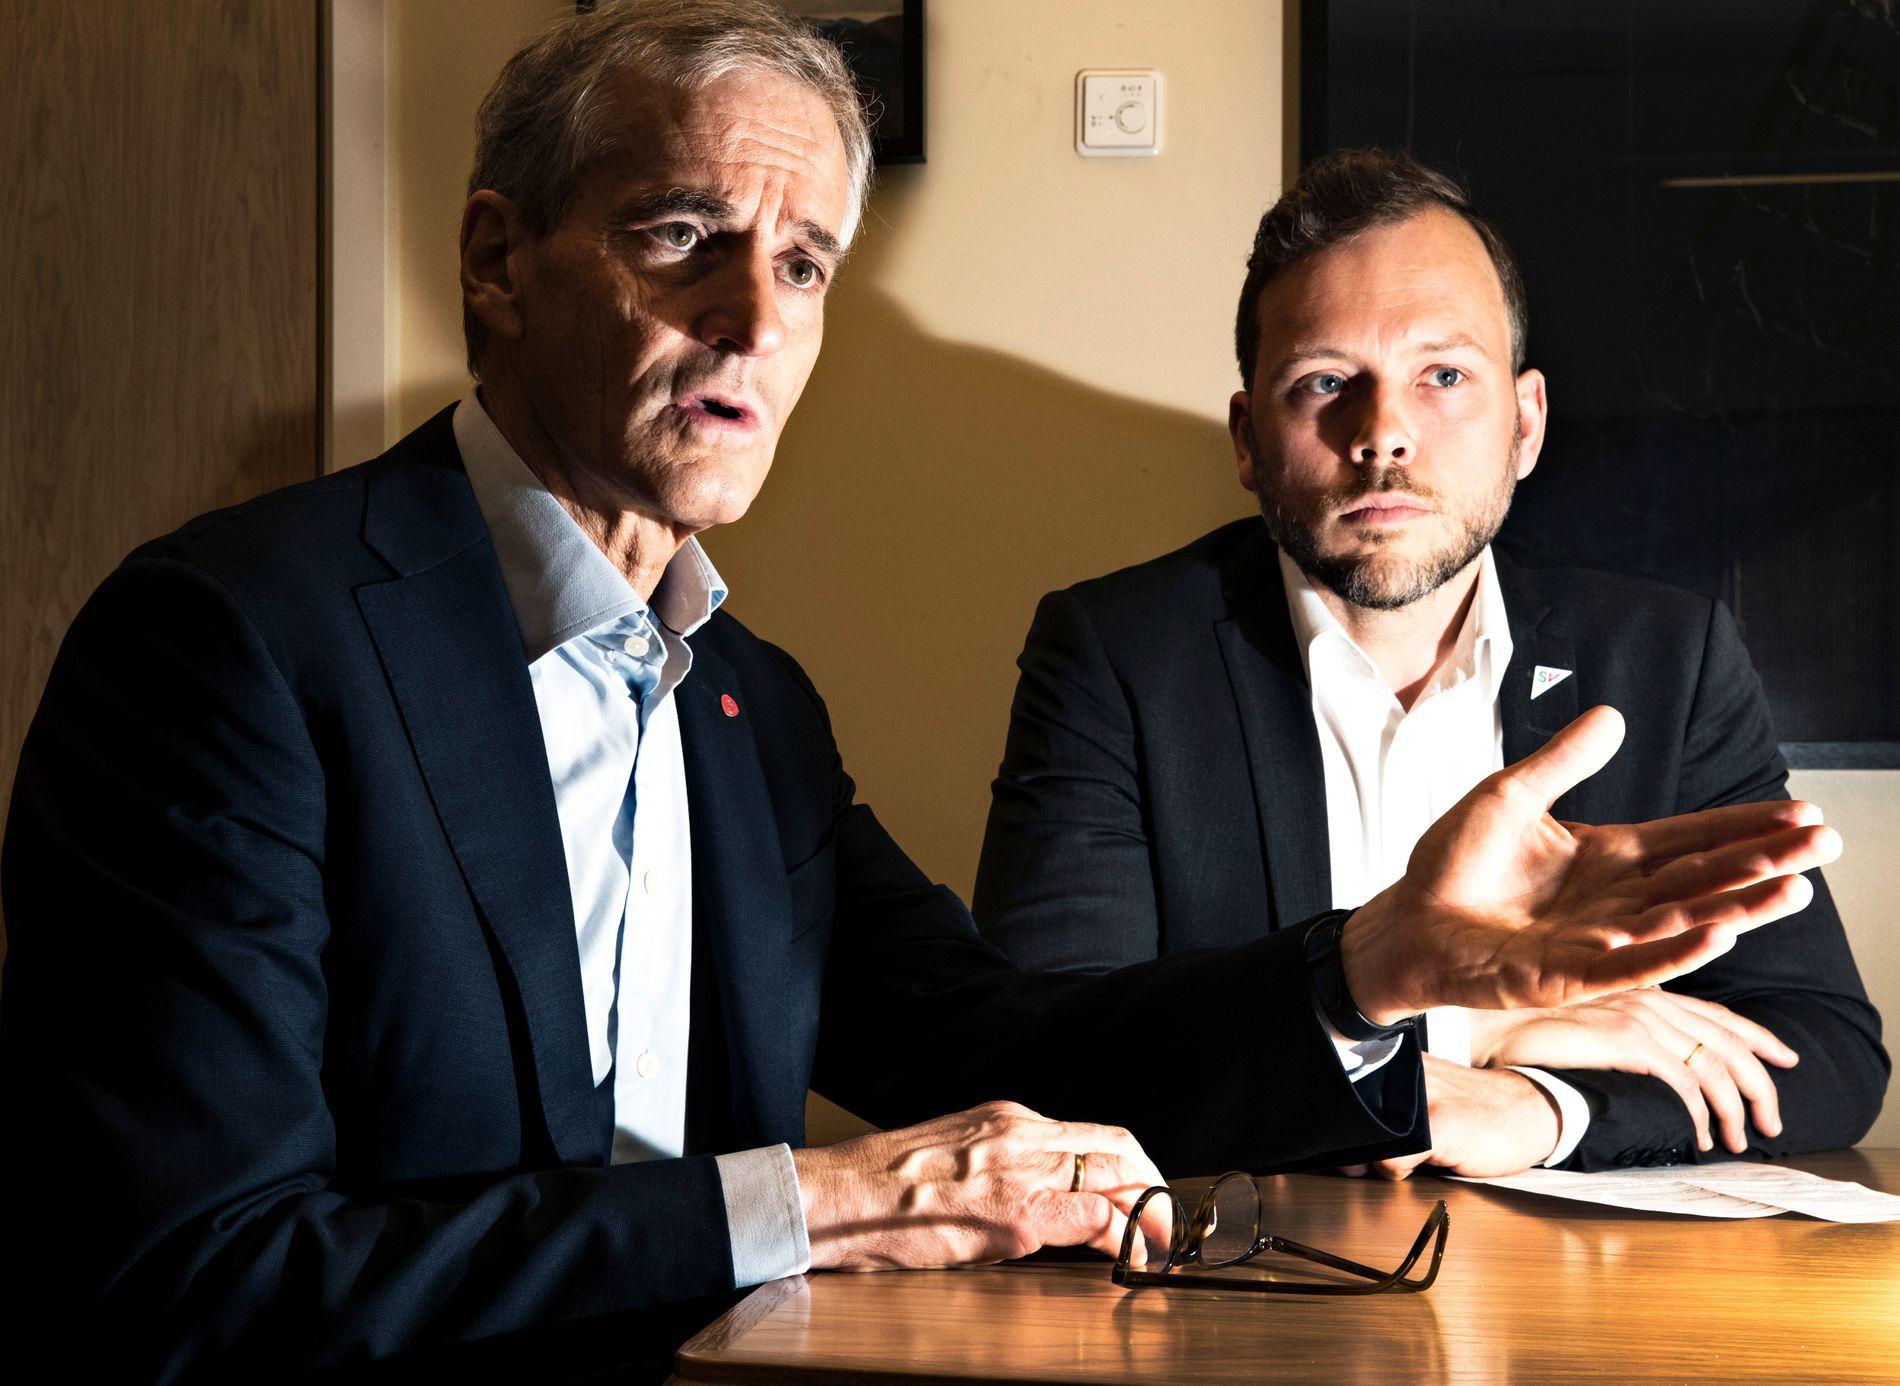 VIL ENDRE LOVEN FOR Å BEDRE PENSJONEN: Jonas Gahr Støre og Audun Lysbakken.